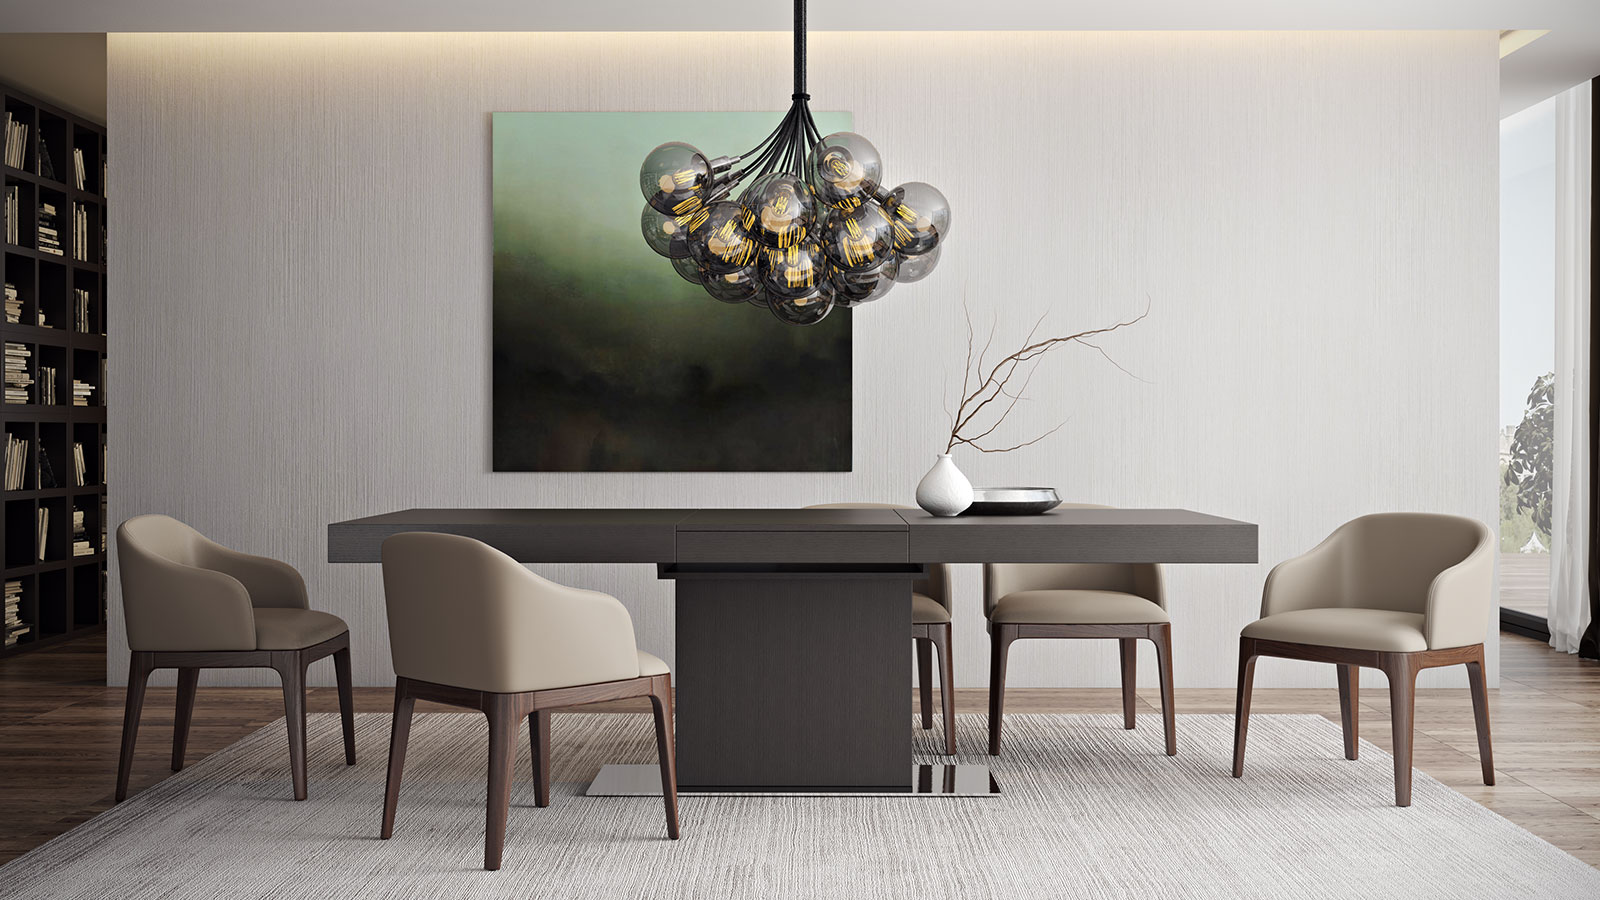 Elegant Bimmaloft_dining_tables_astor_14. Bimmaloft_dining_tables_astor_15.  Bimmaloft_dining_tables_astor_16. Bimmaloft_dining_tables_astor_17 Great Pictures